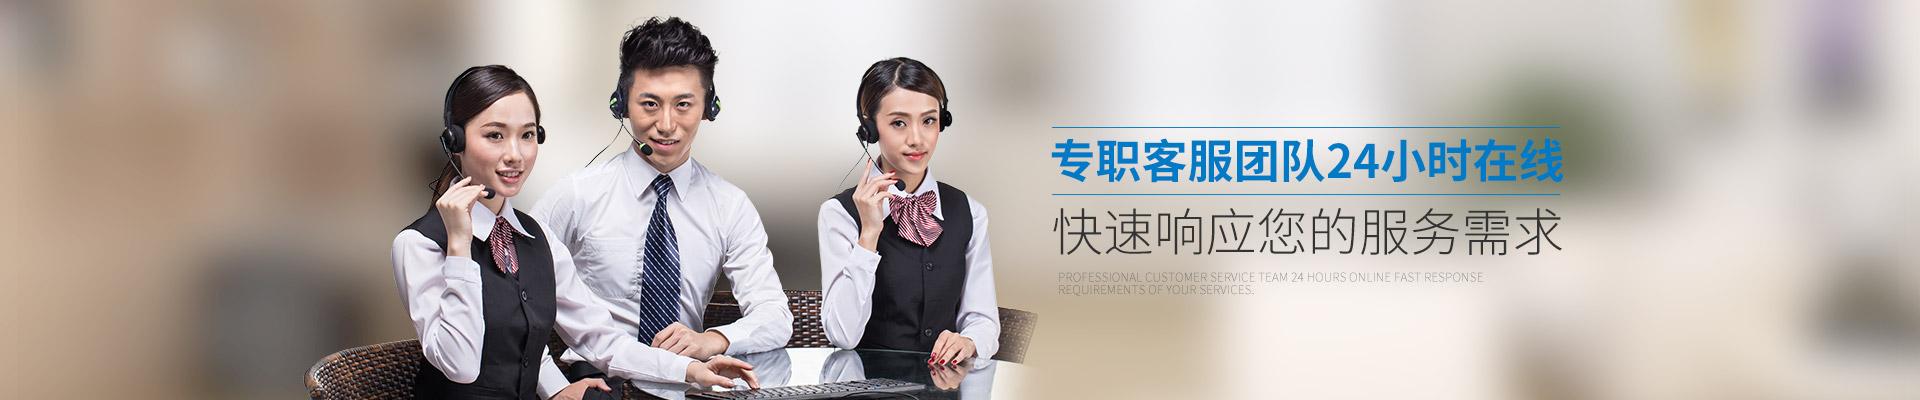 国塑专职客服团队24小时在线 快速响应您的服务需求